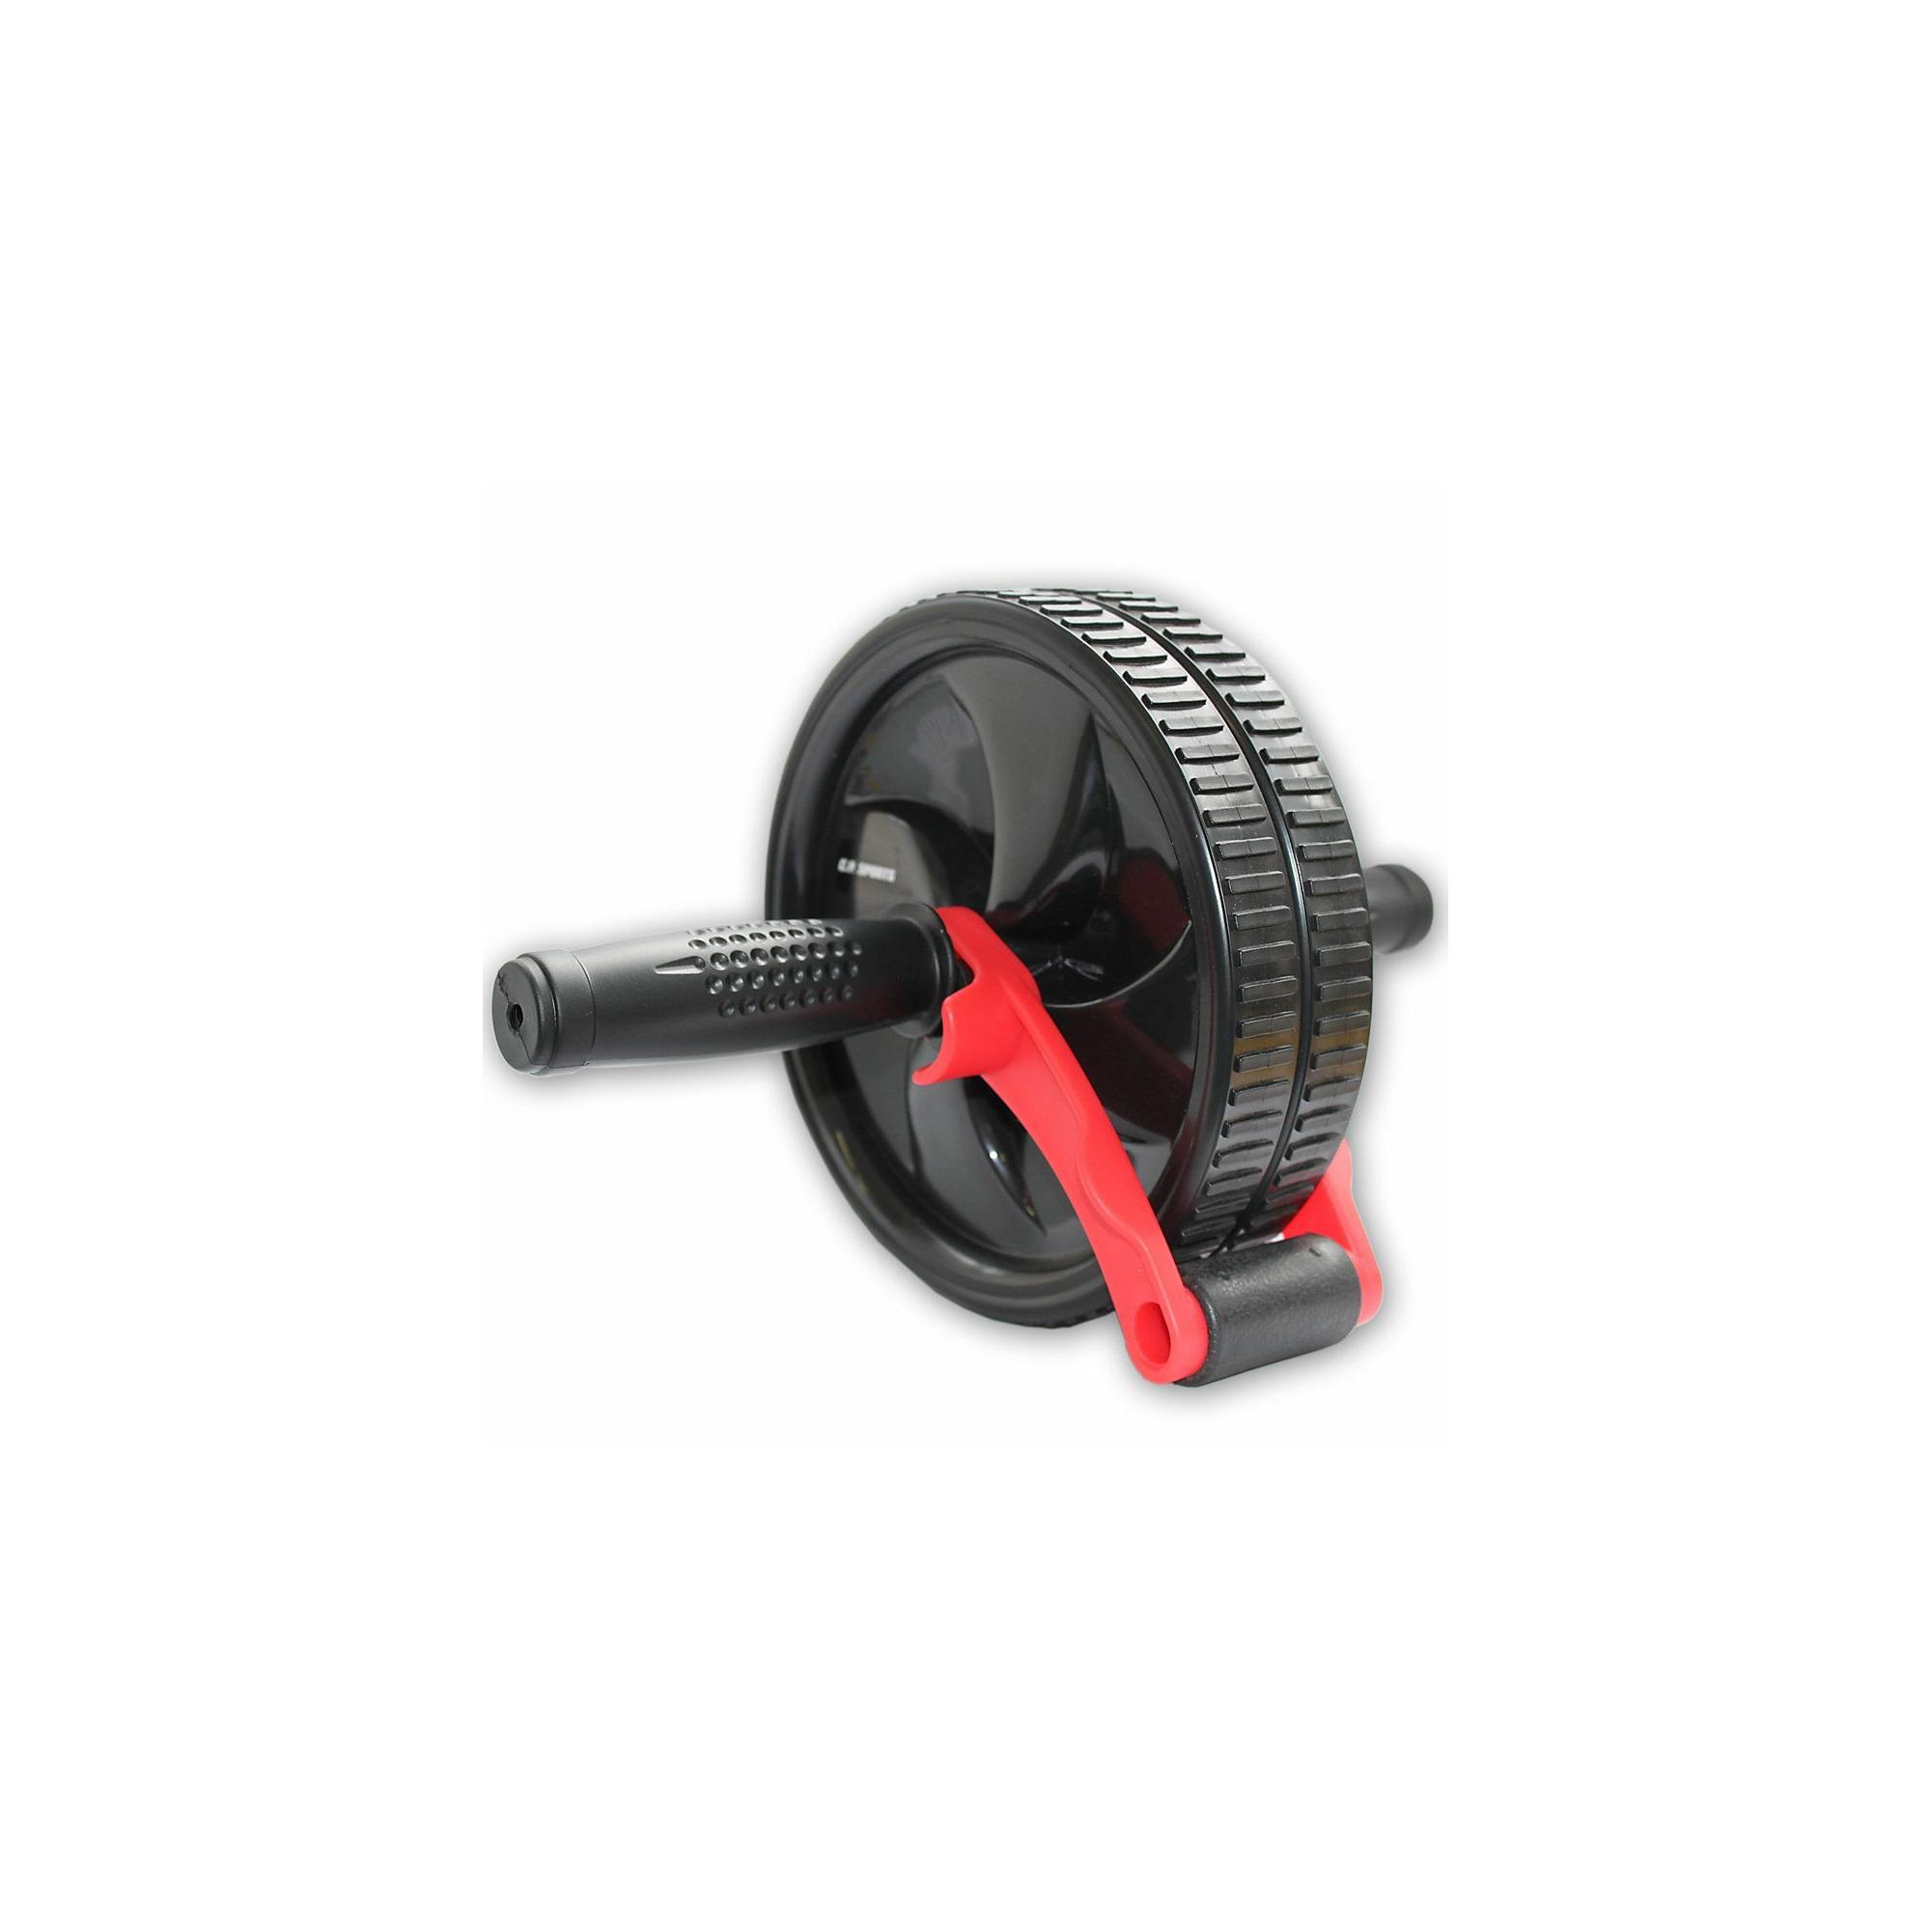 bauchroller mit bremse c p sports der fitness und. Black Bedroom Furniture Sets. Home Design Ideas